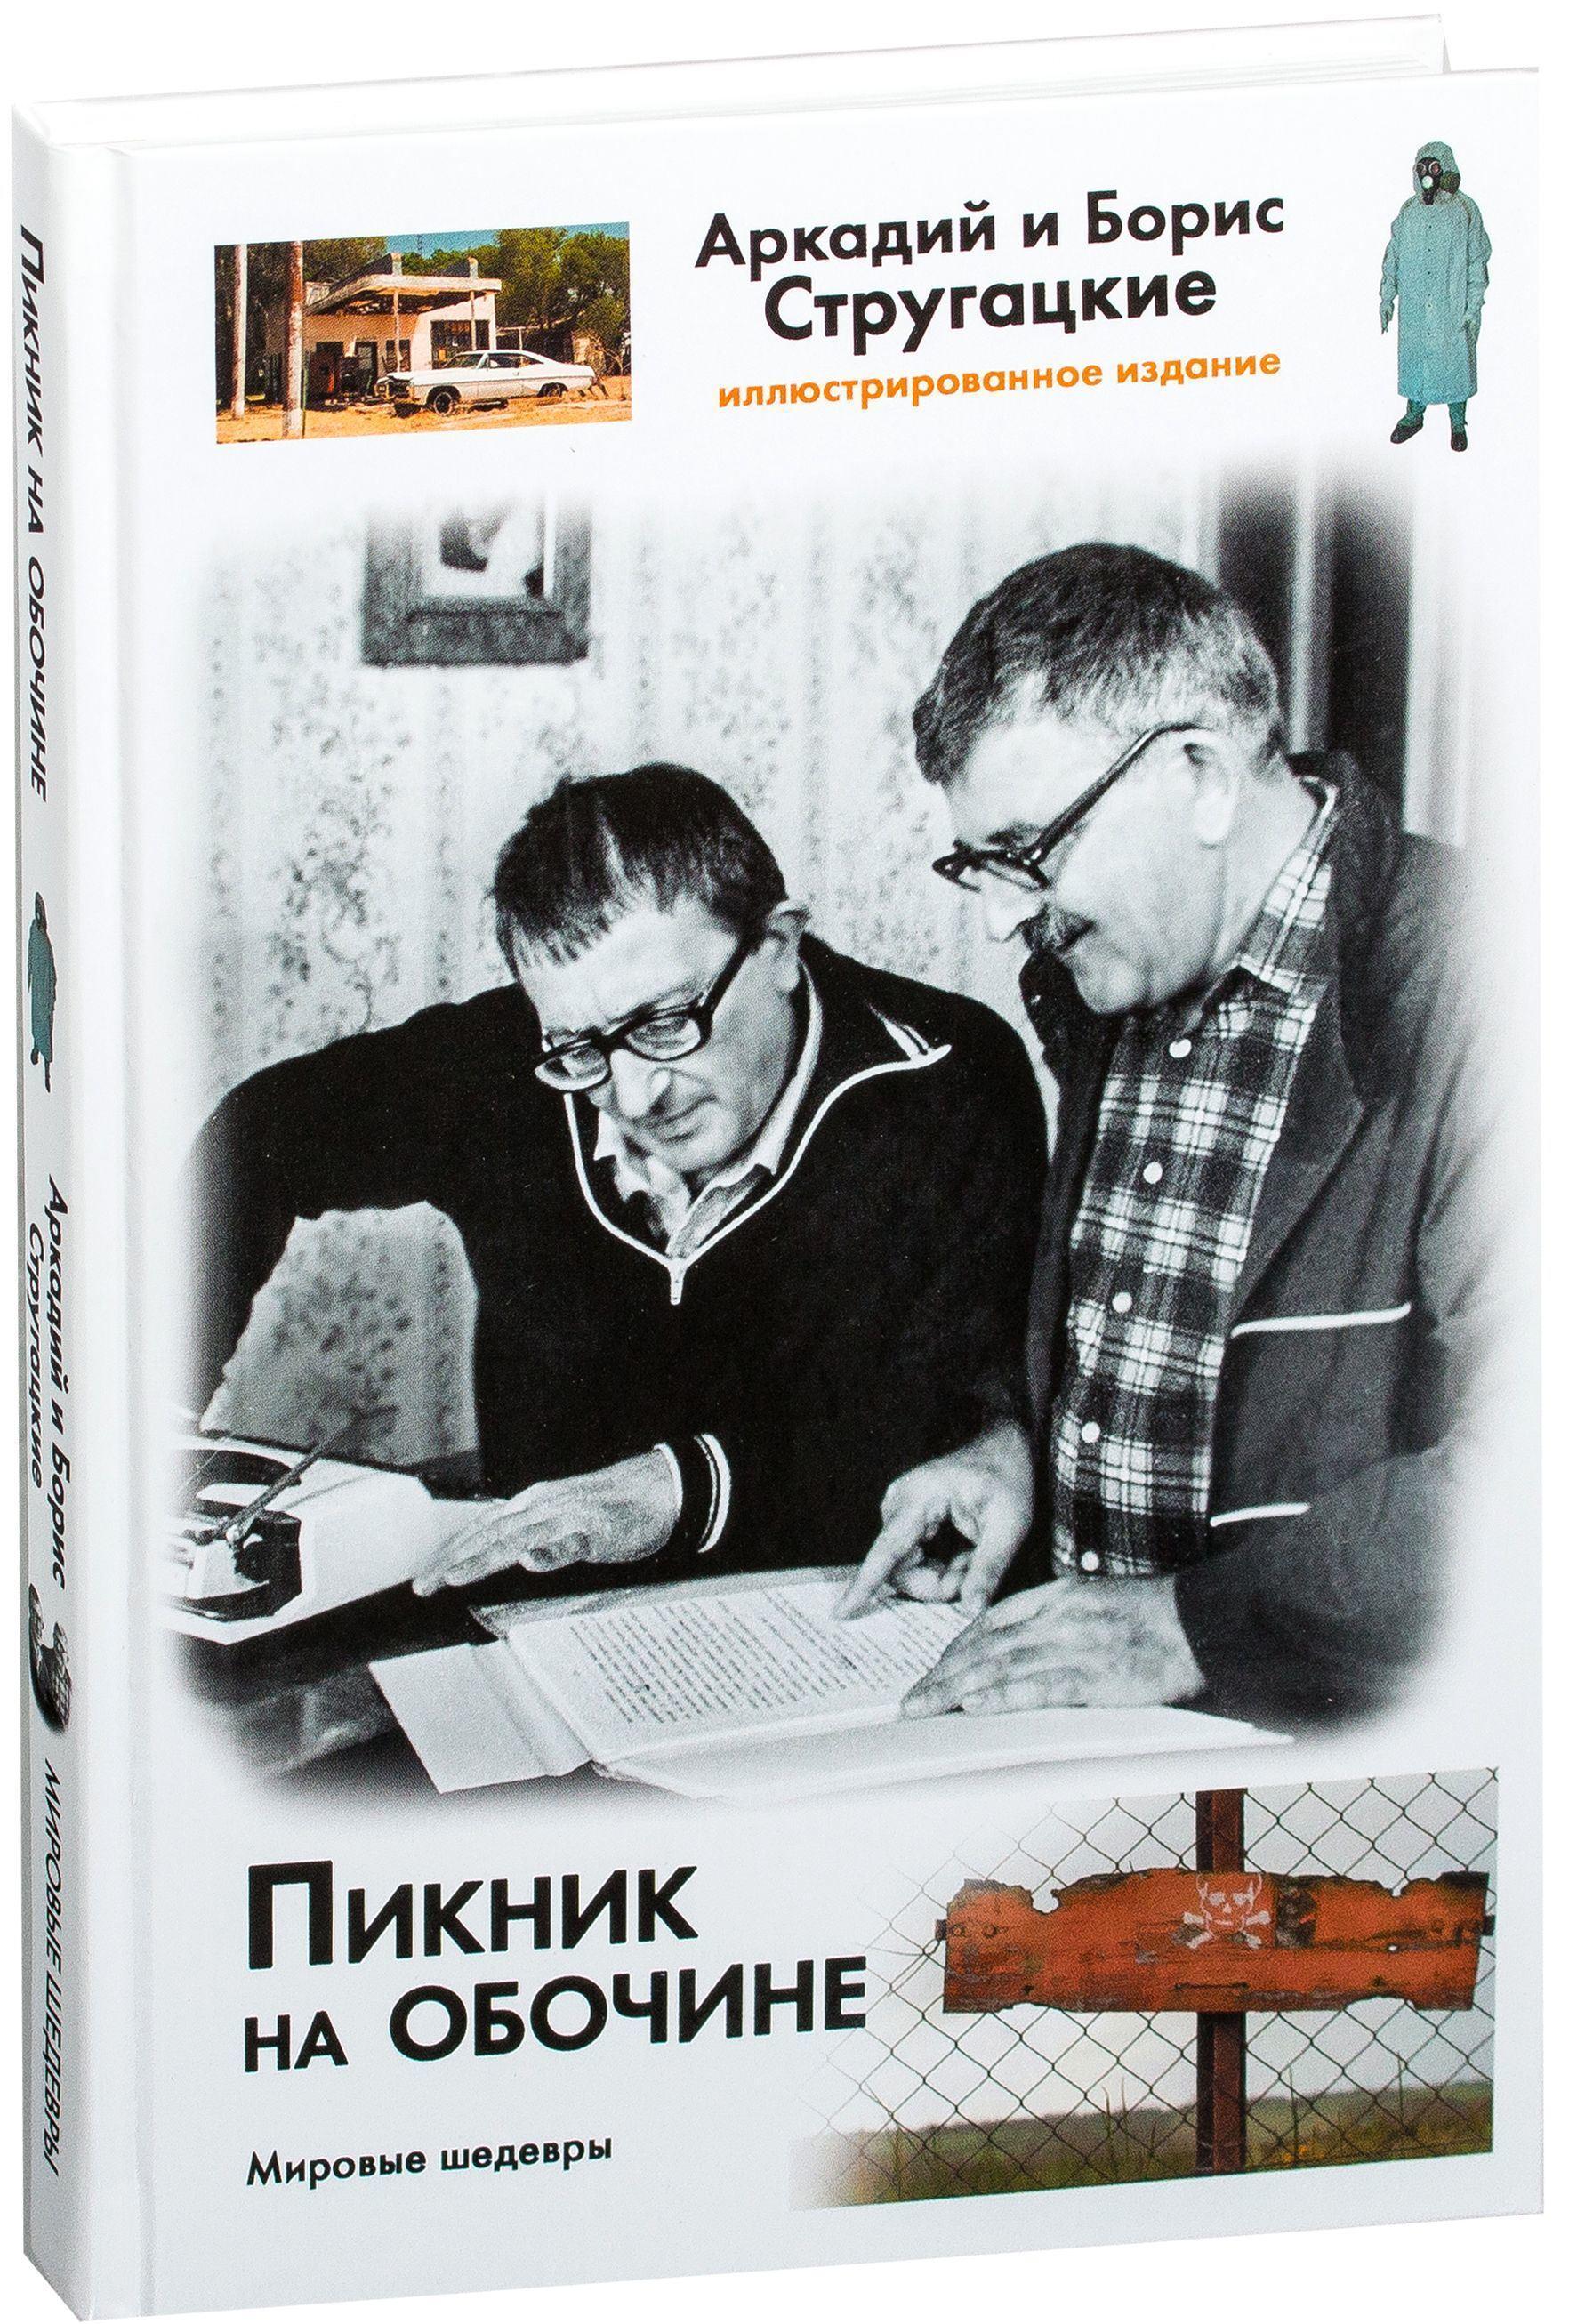 Светлане Смехновой Делают Укол – Таежная Повесть (1979)